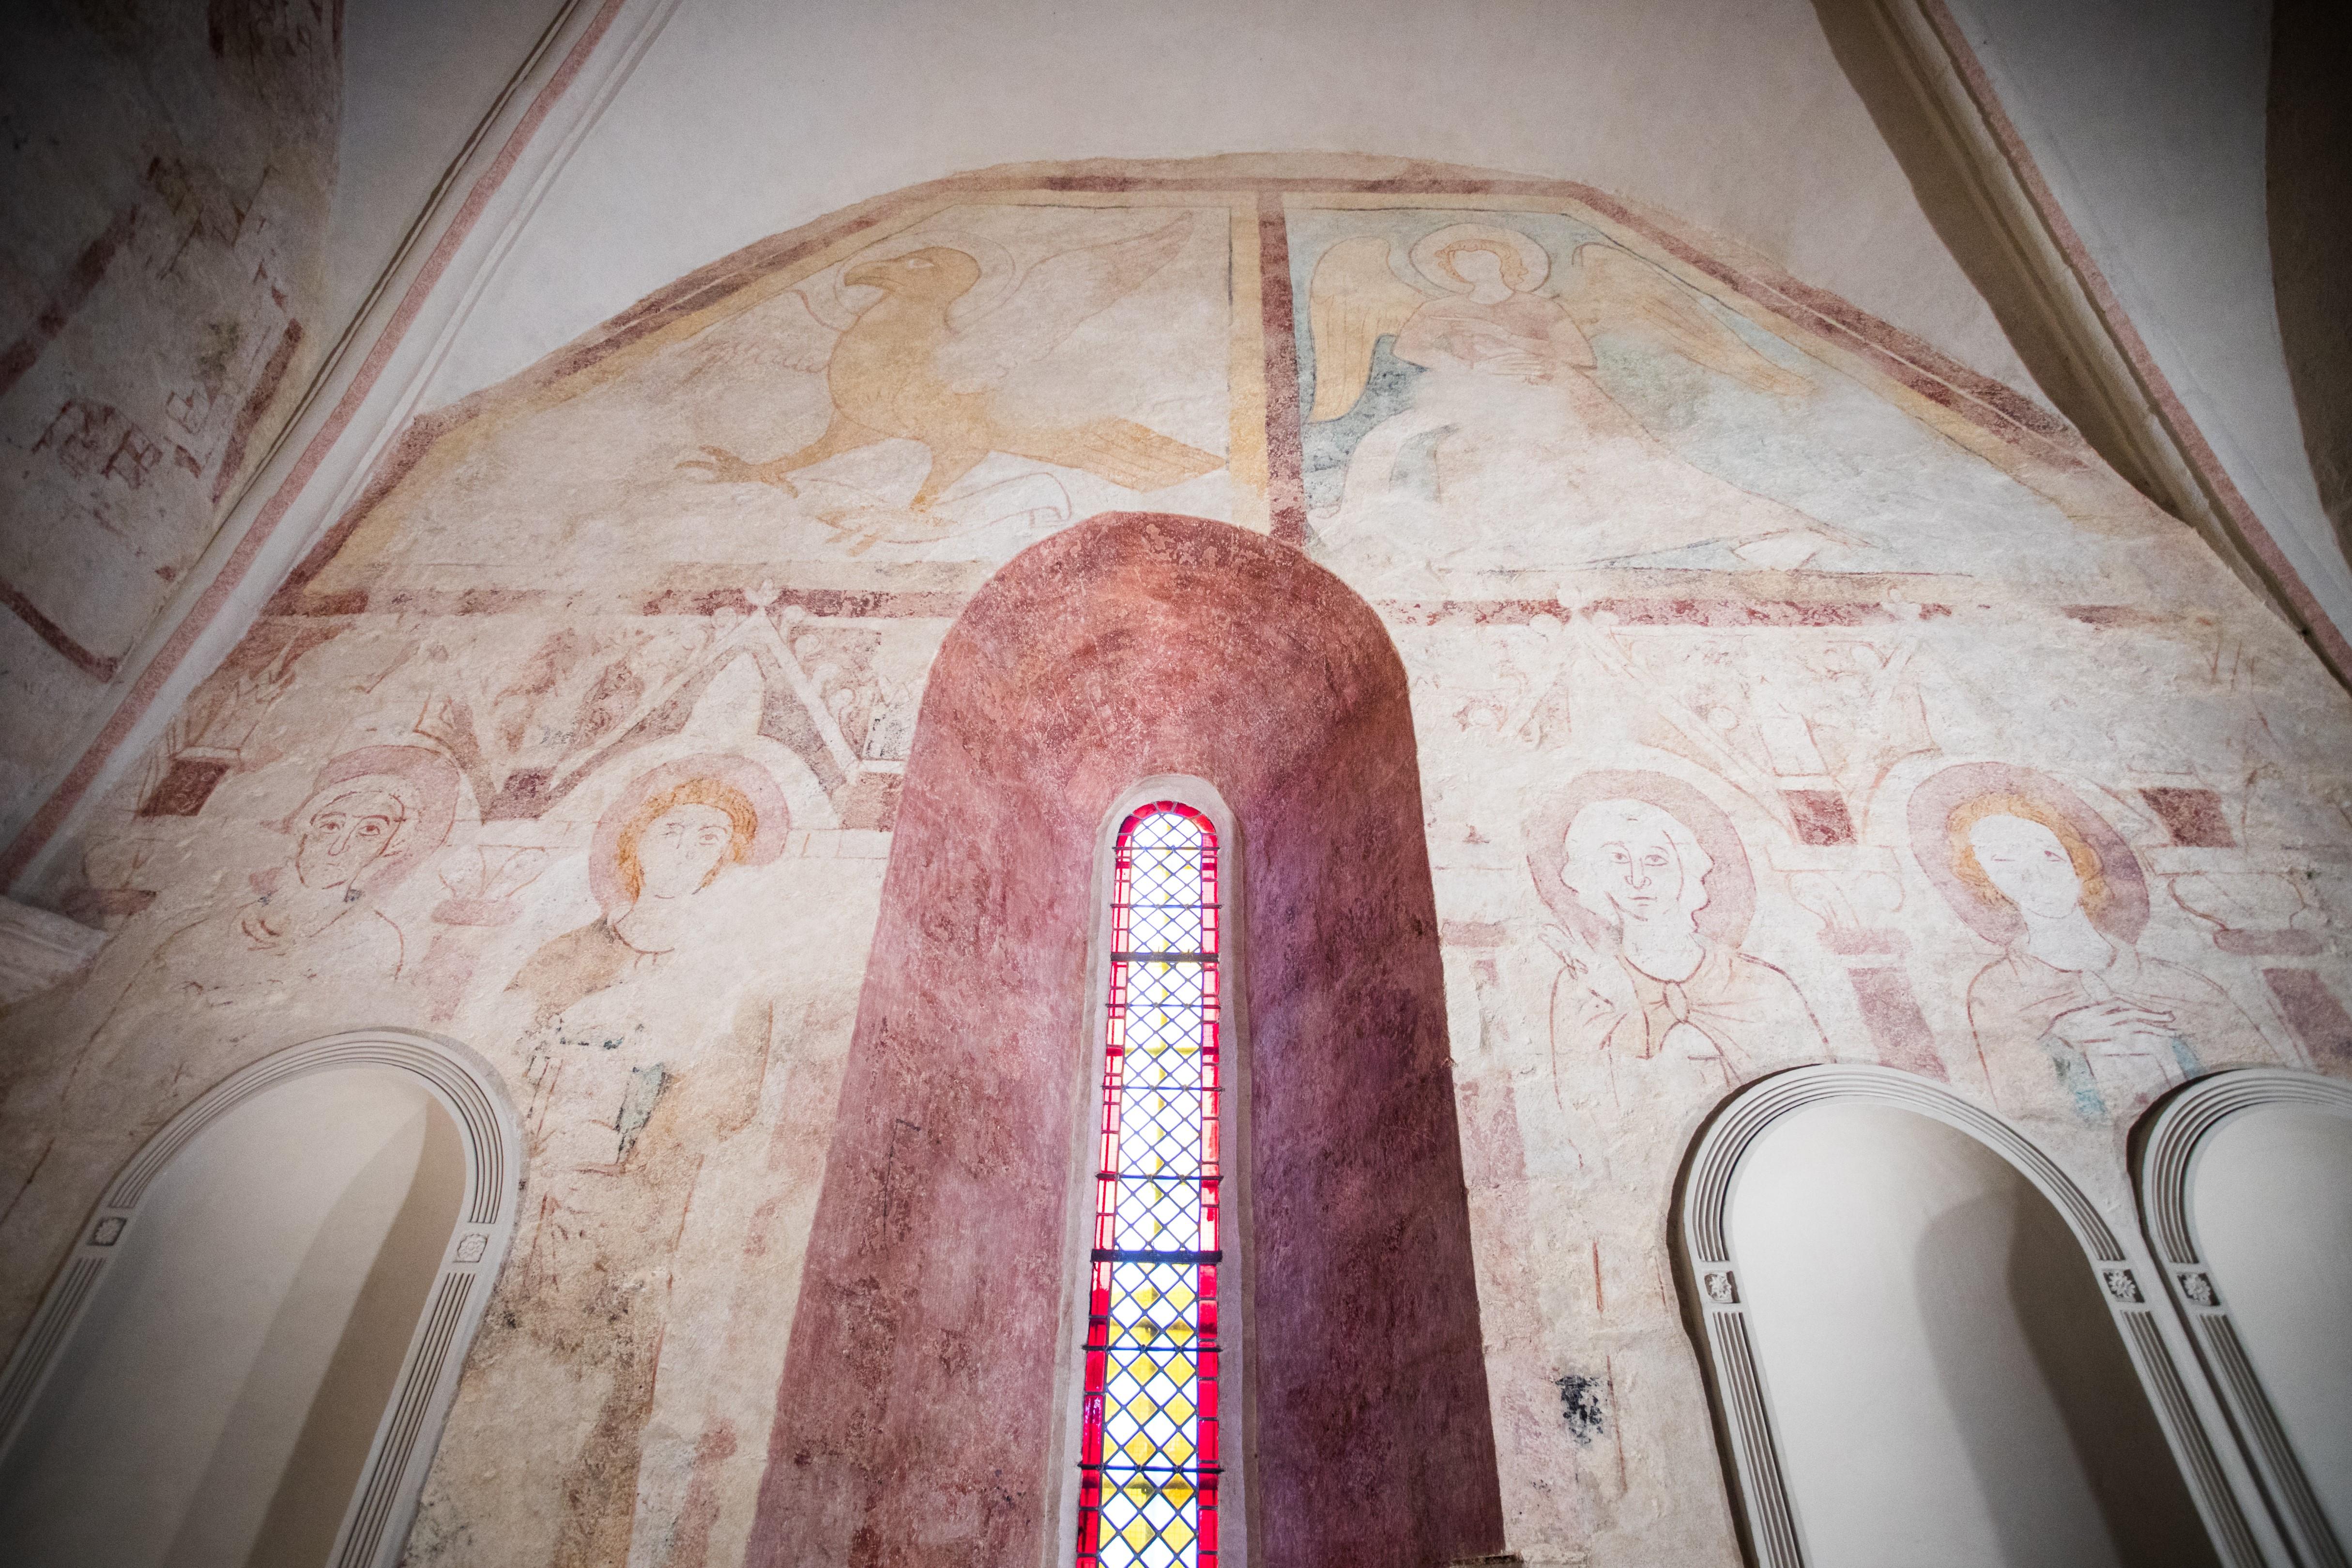 Peintures murales médiévales après restauration dans l'église de Bouligneux (01) - 06.11.2019 - Flore Giraud